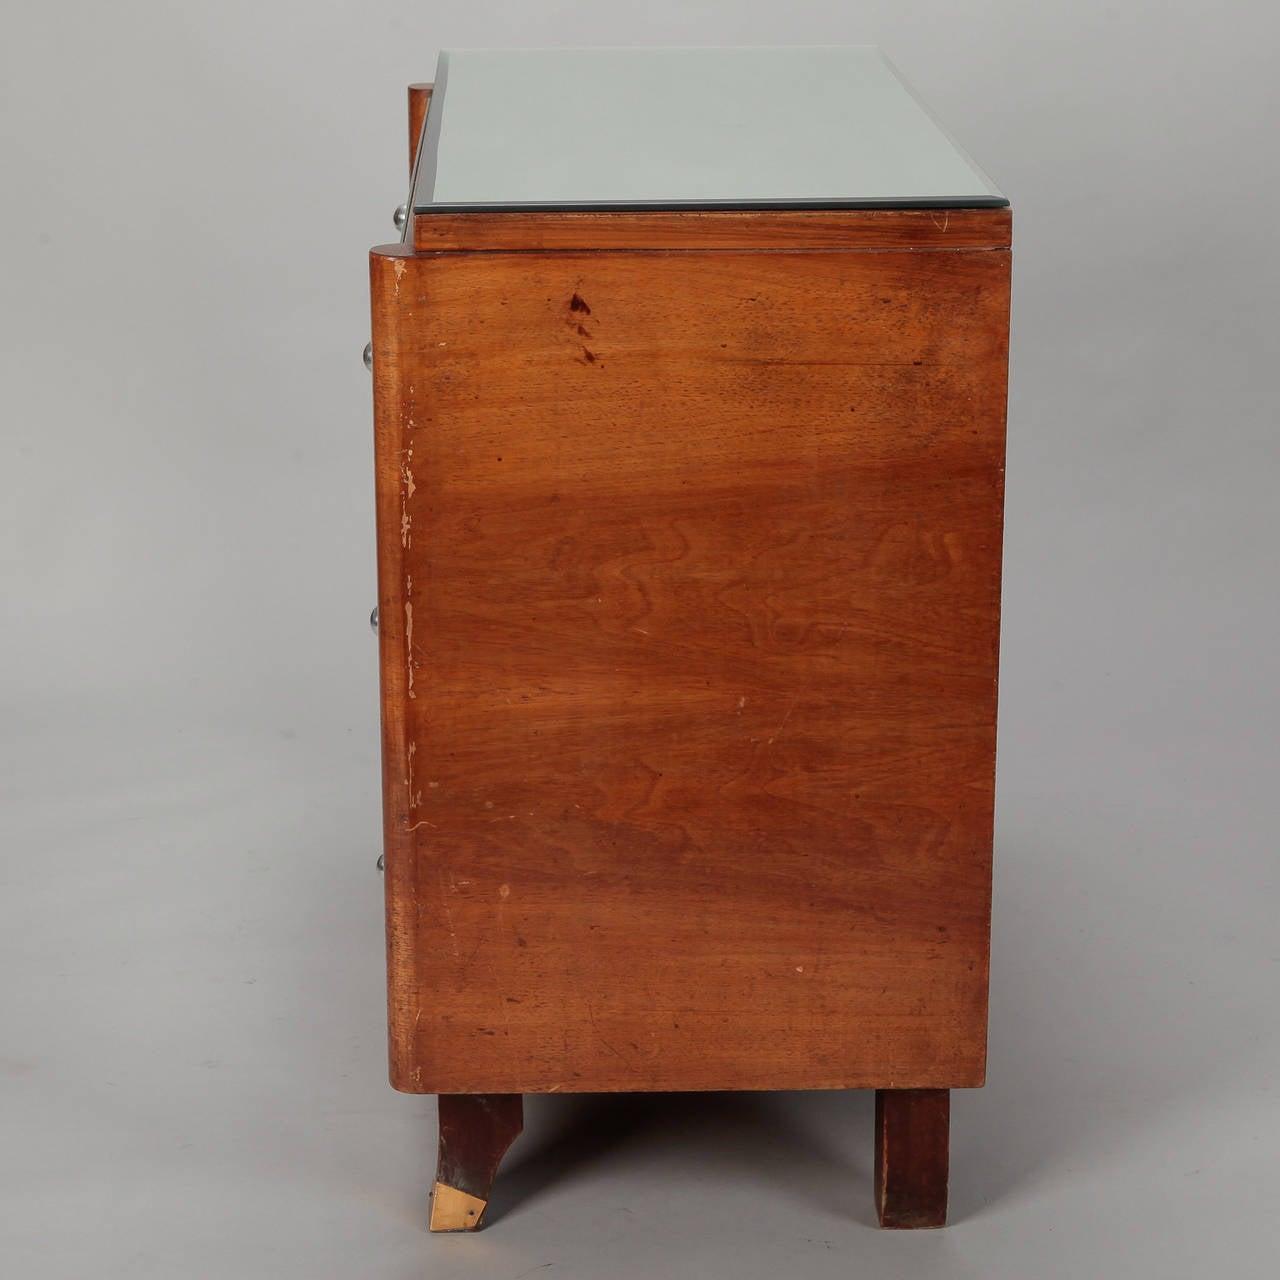 Art Deco Era Mirrored Walnut Chest of Drawers 4